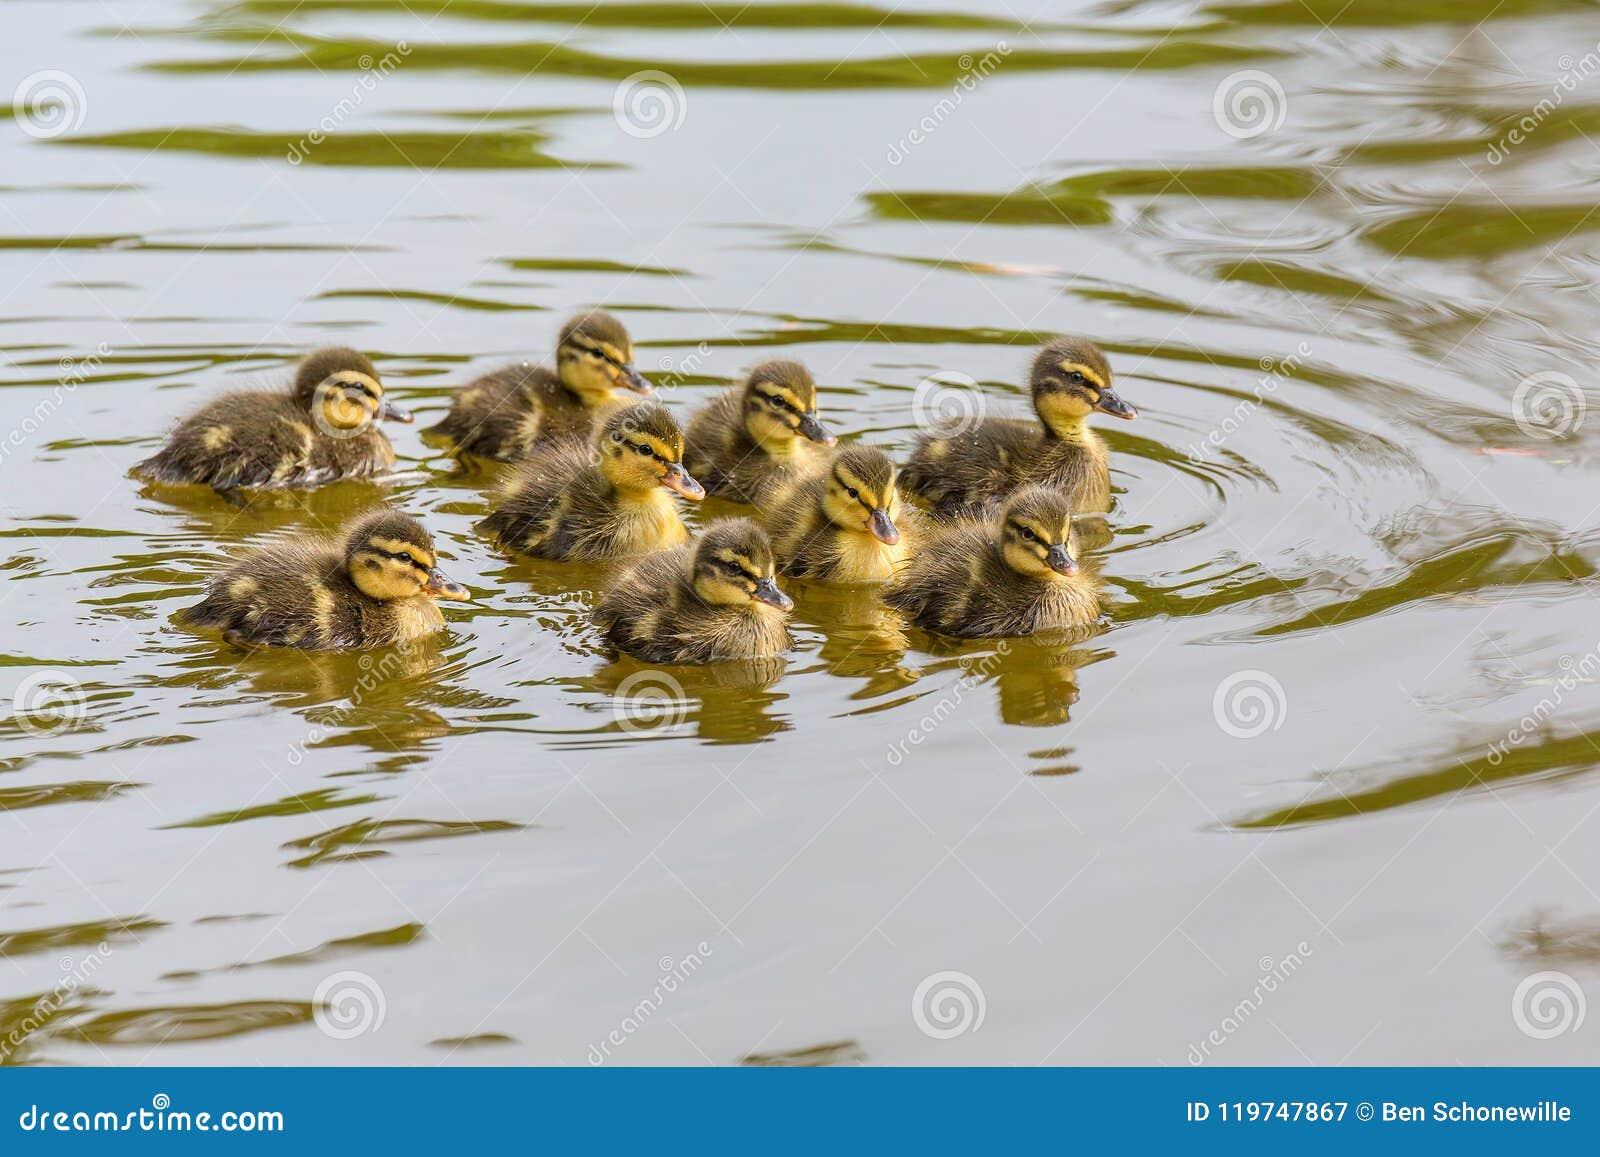 Nowonarodzony dziki kaczątka pływanie w wodzie